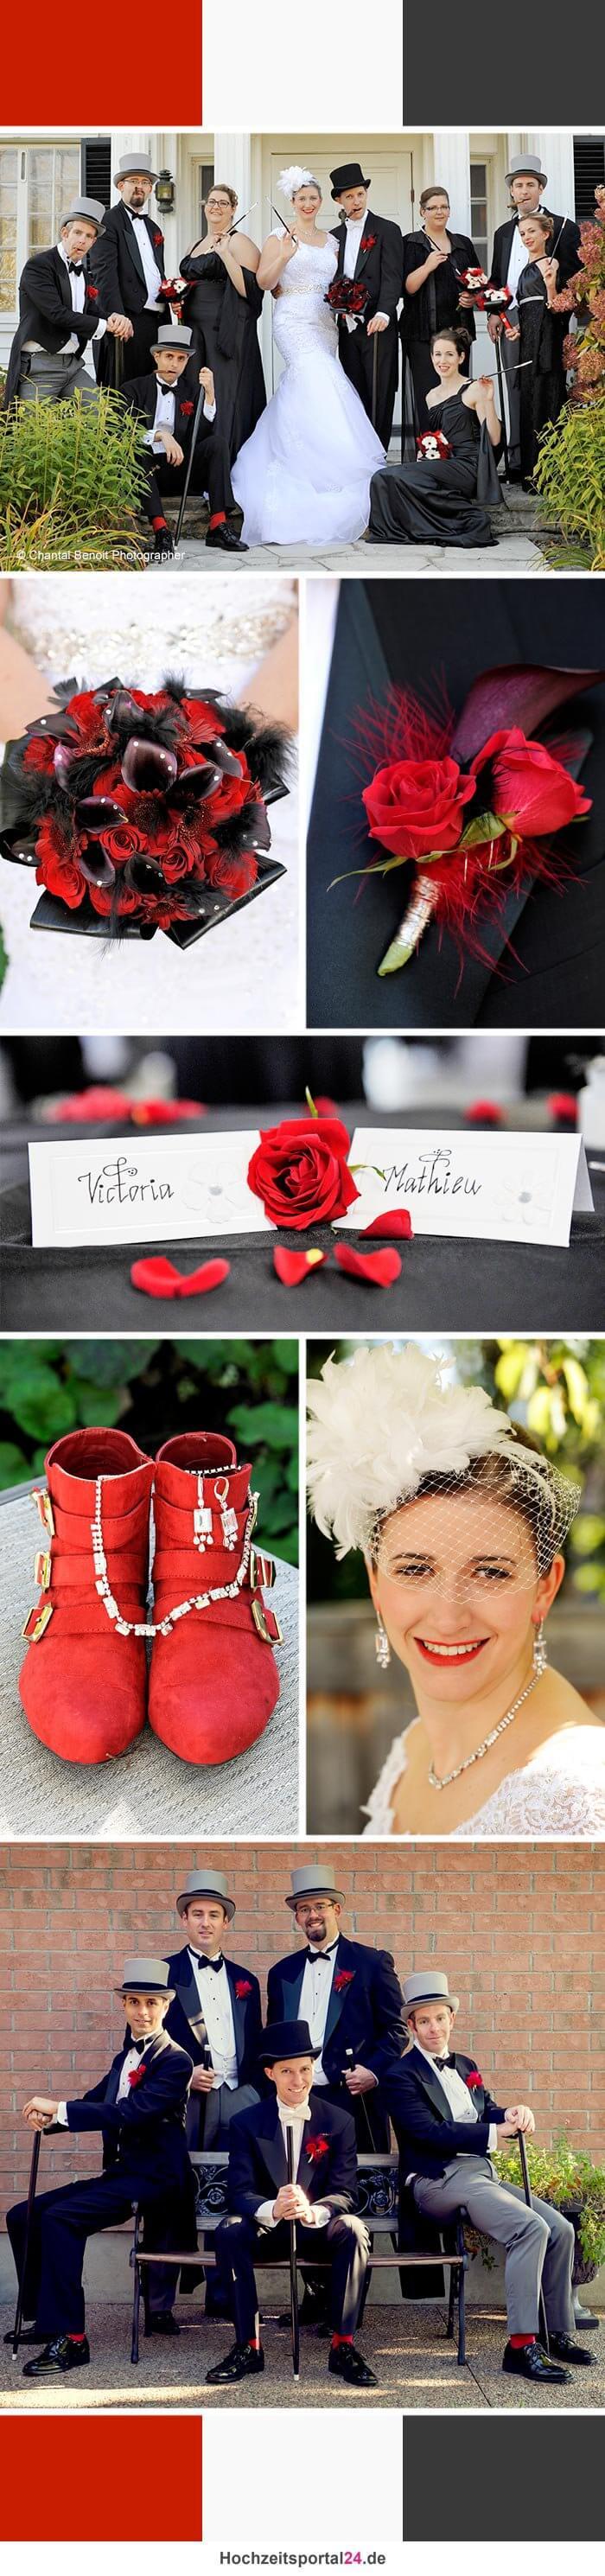 Hochzeitsfarben Schwarz - Weiss - Rot | Mottohochzeit